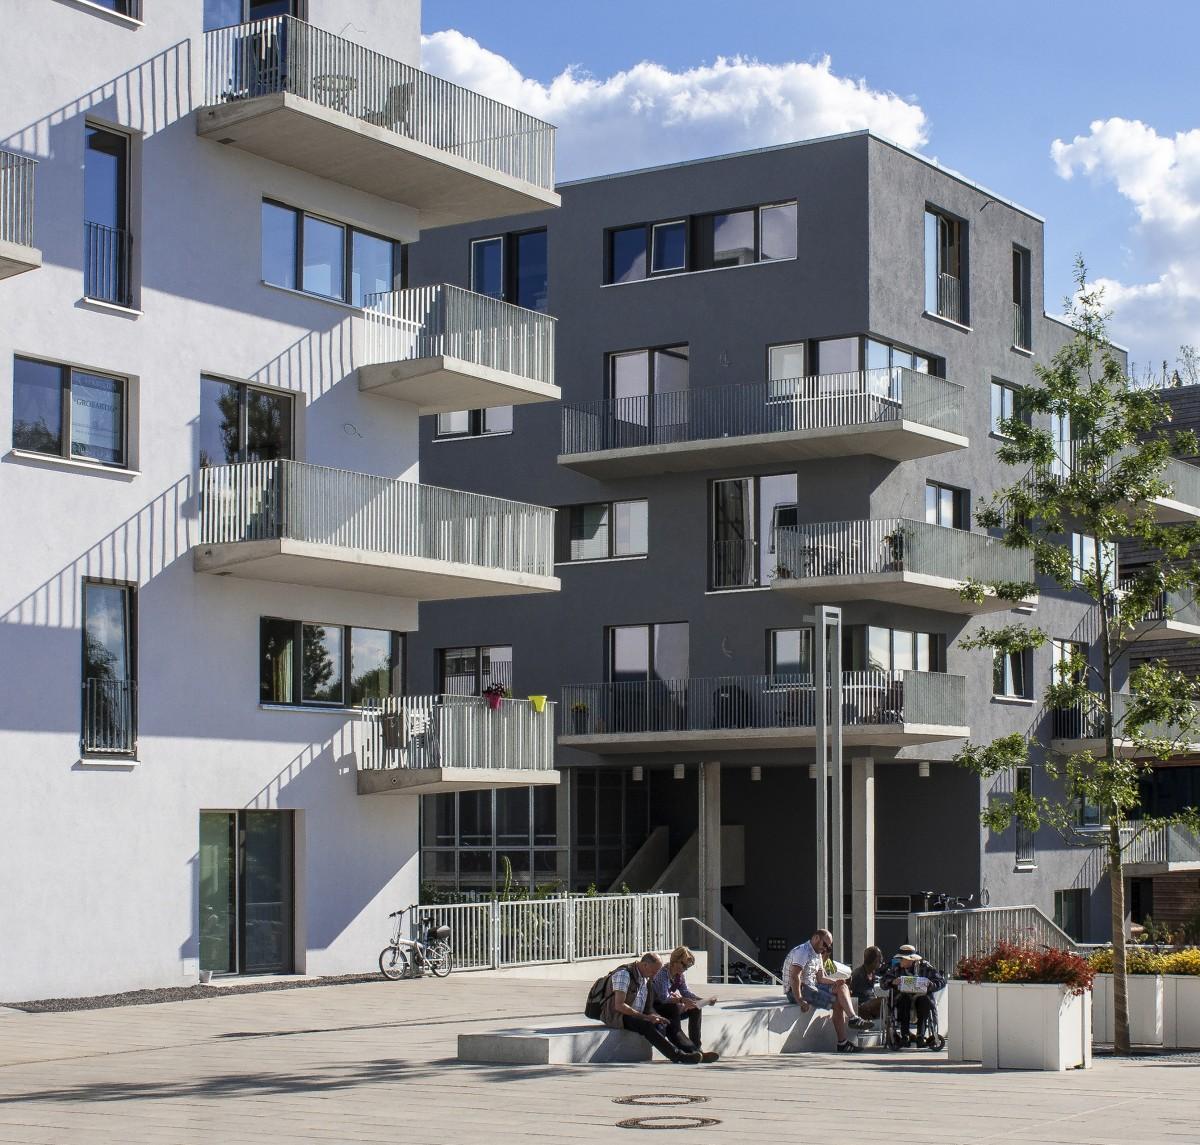 Images gratuites architecture maison urbain paysage for Livres architecture batiment construction